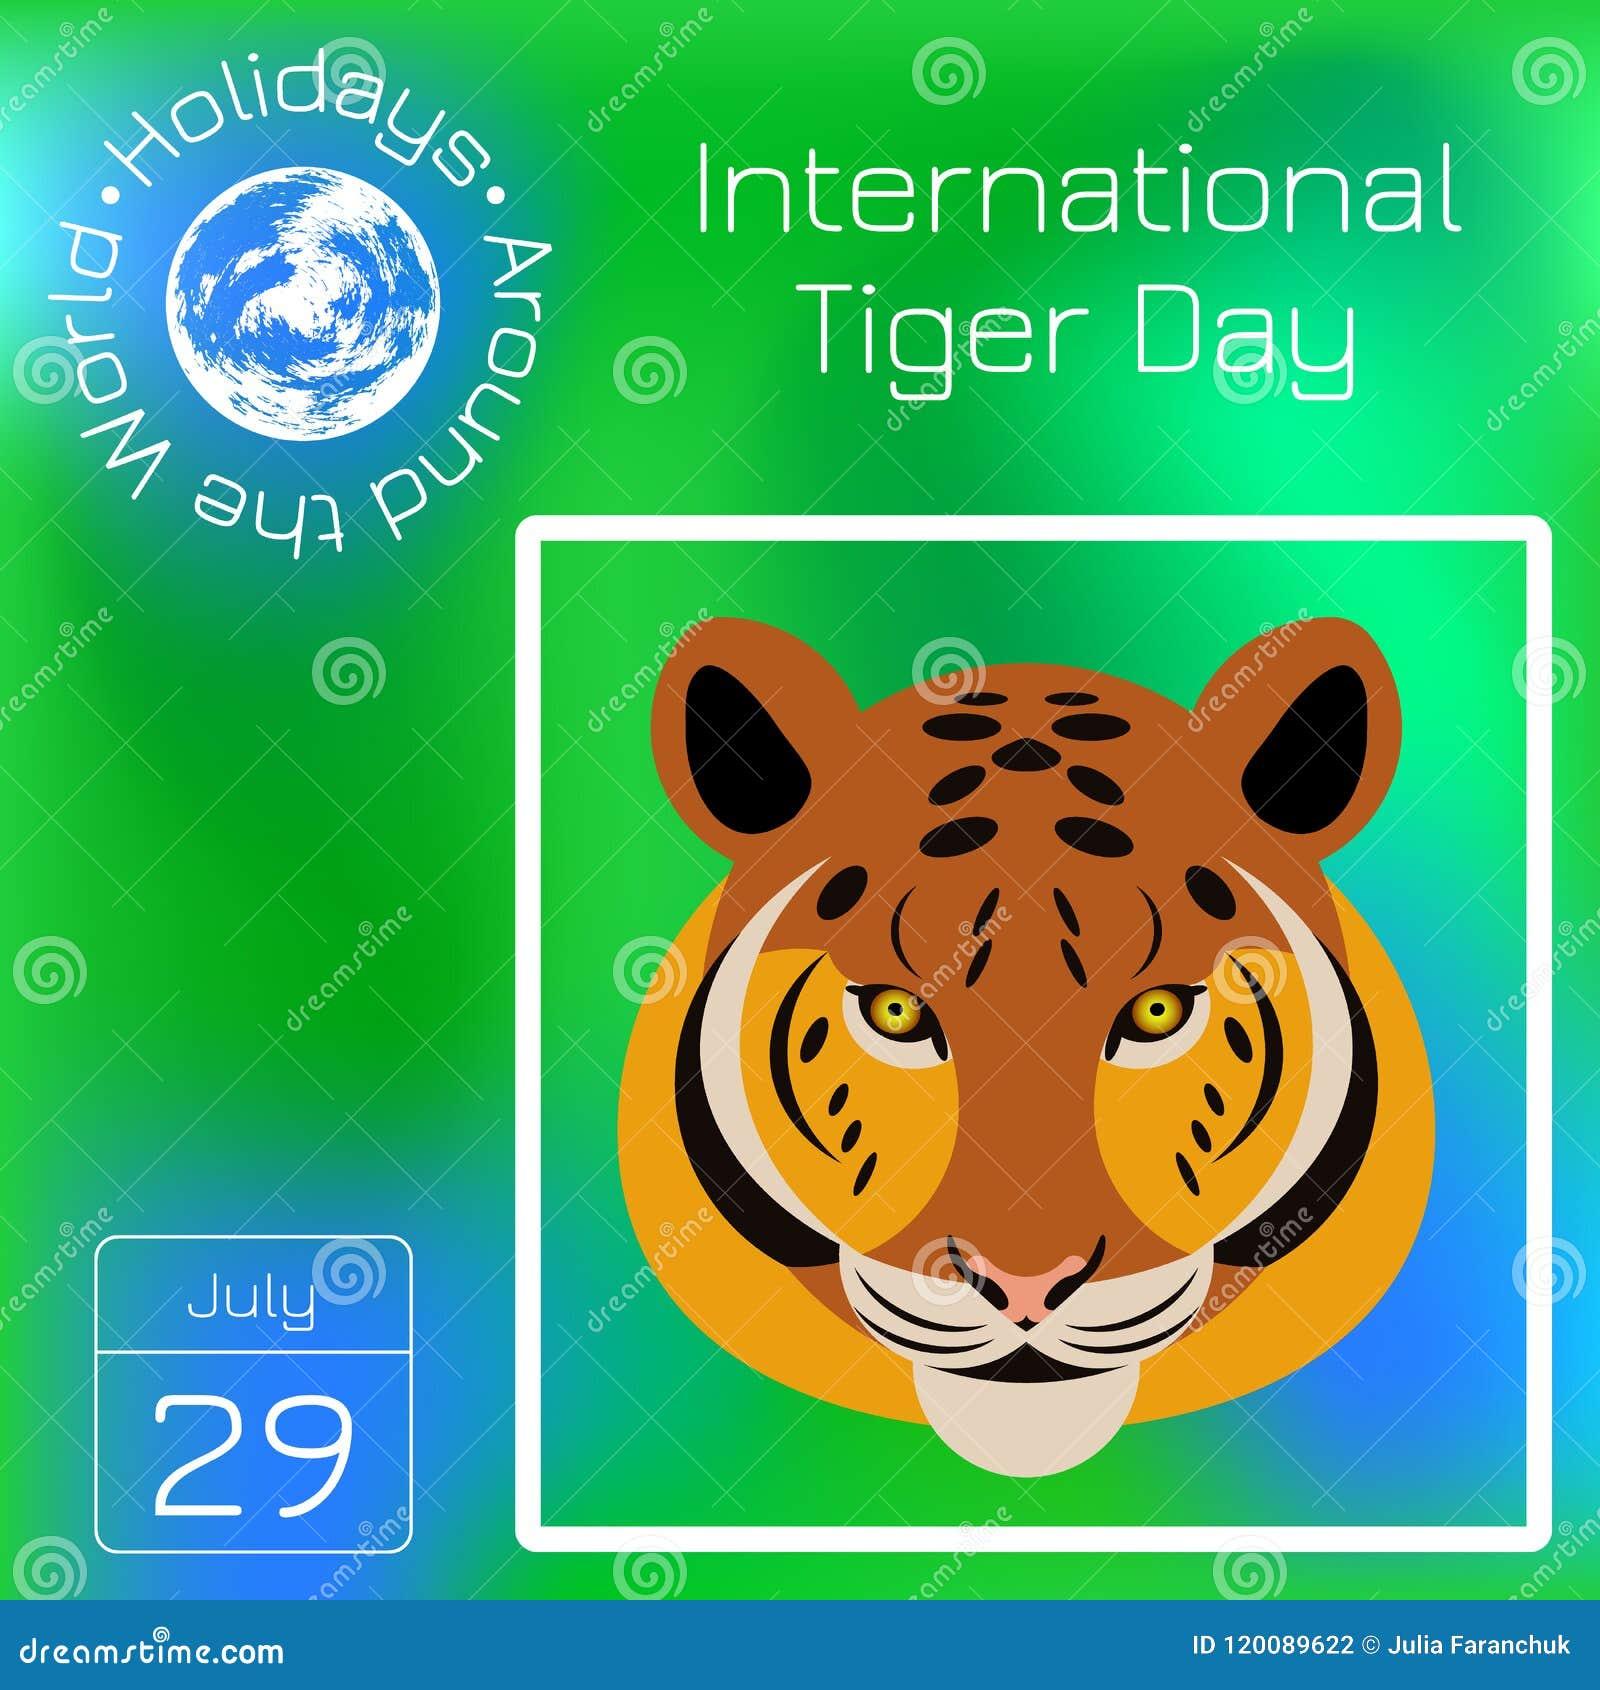 Calendario Internazionale.Tiger Day Internazionale 29 Luglio Il Mammifero Selvatico E